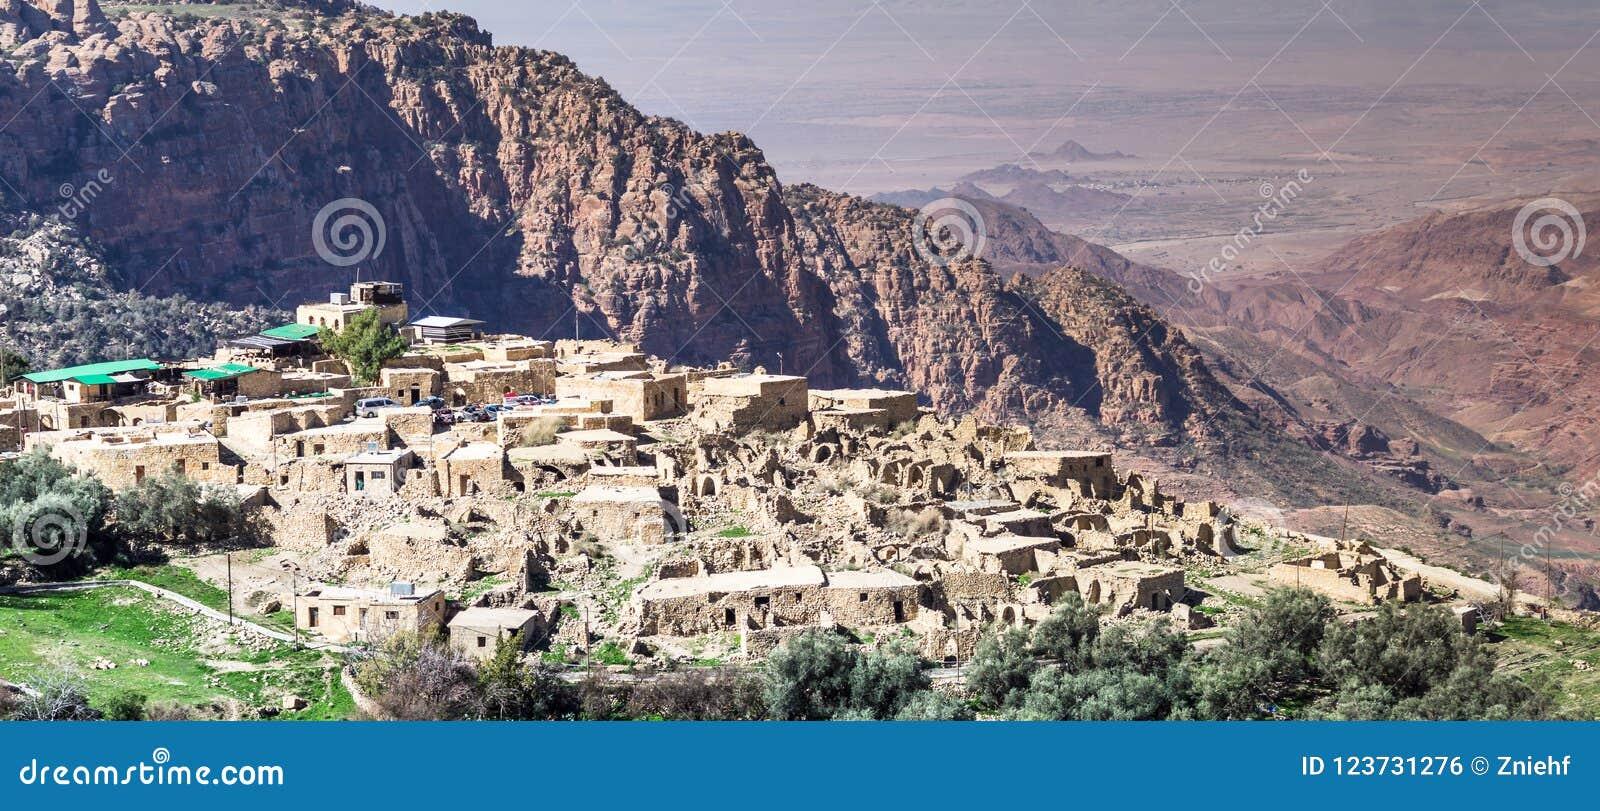 Przegląd Dana wioska na krawędzi Dana rezerwata przyrody w Jordania, z wadim Arab i pustynią Izrael w